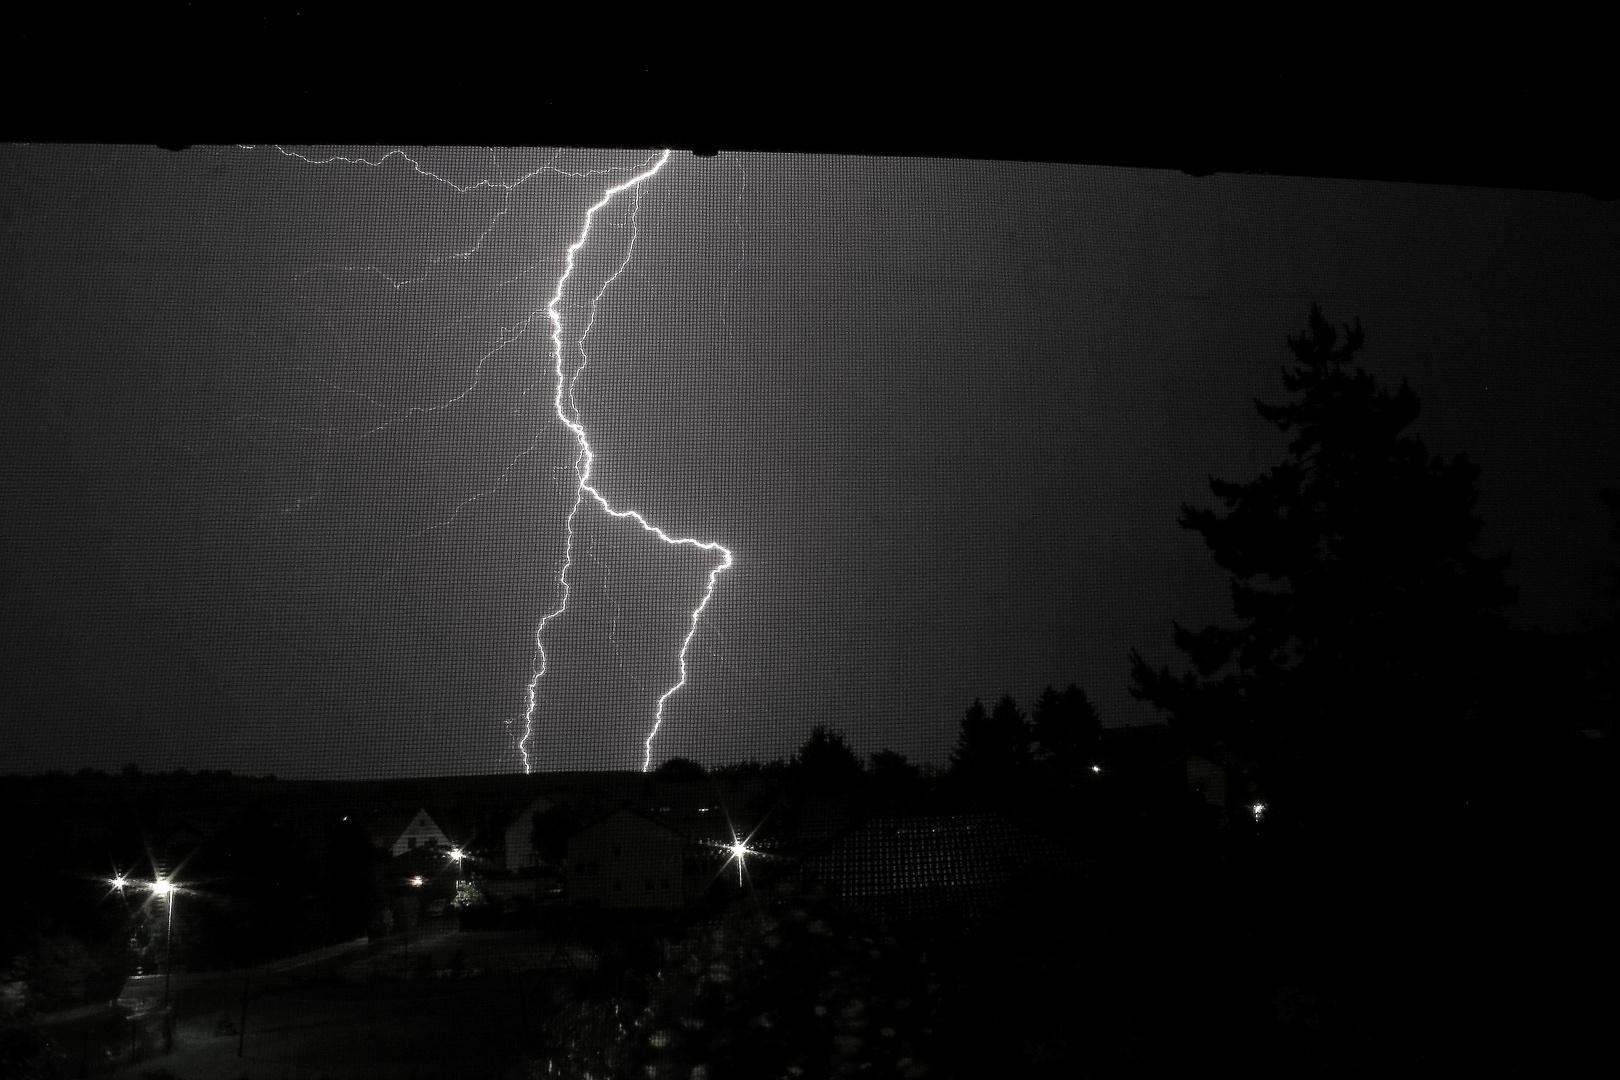 Zeus zürnt - Wut in SW